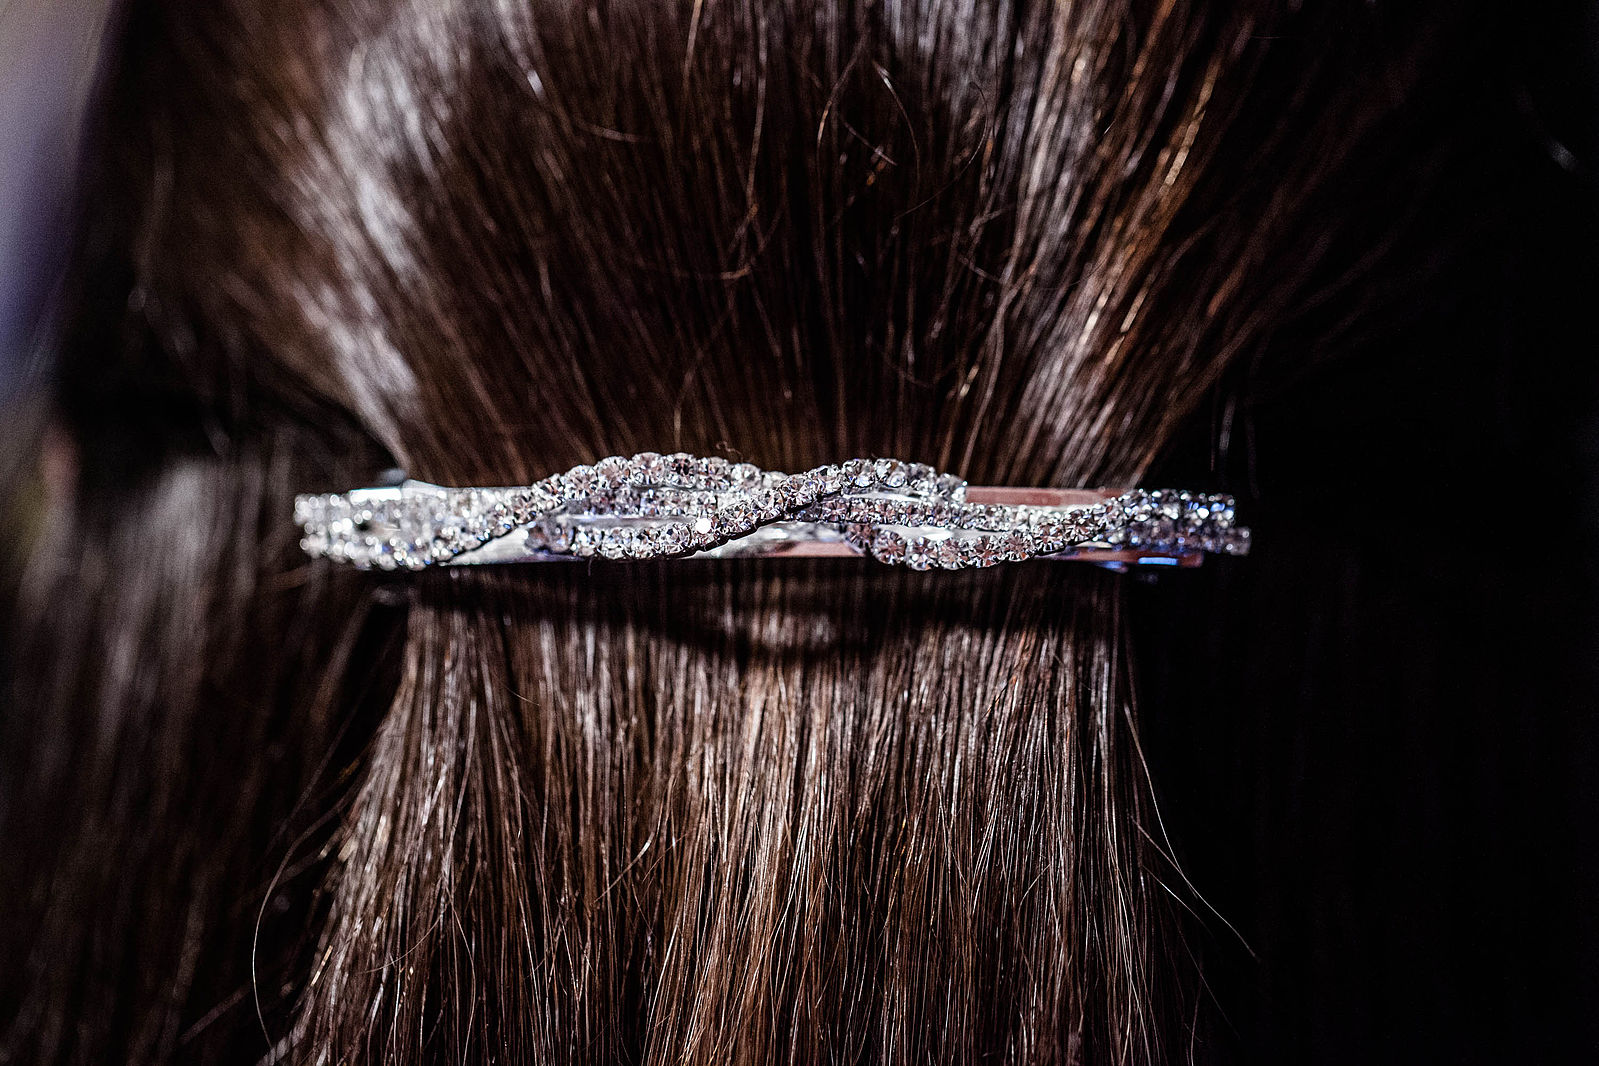 1599px-Hair_Barrette.jpg